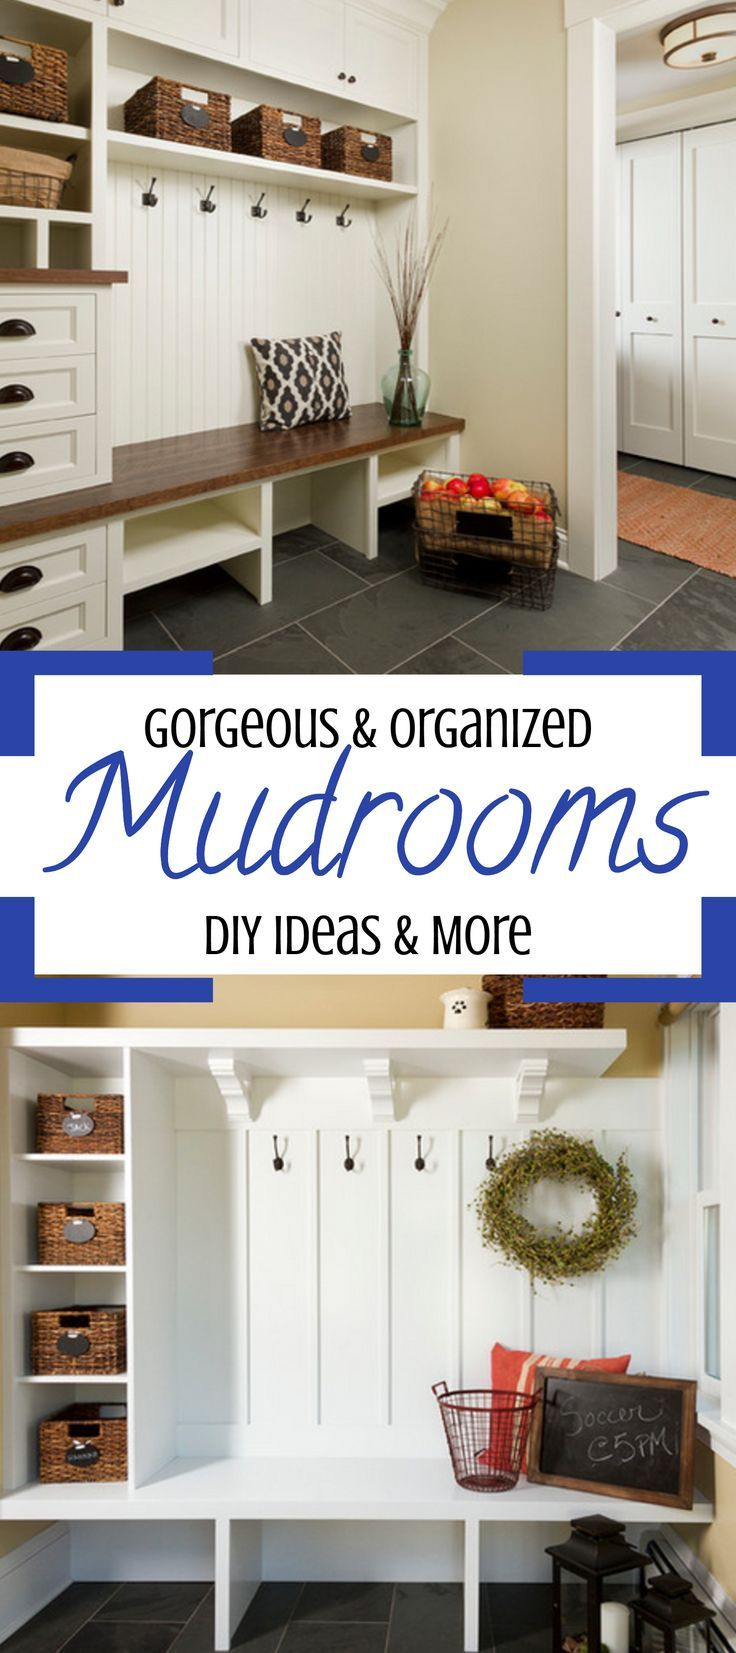 Mudroom Ideas Diy Rustic Farmhouse Mudroom Decor Storage And